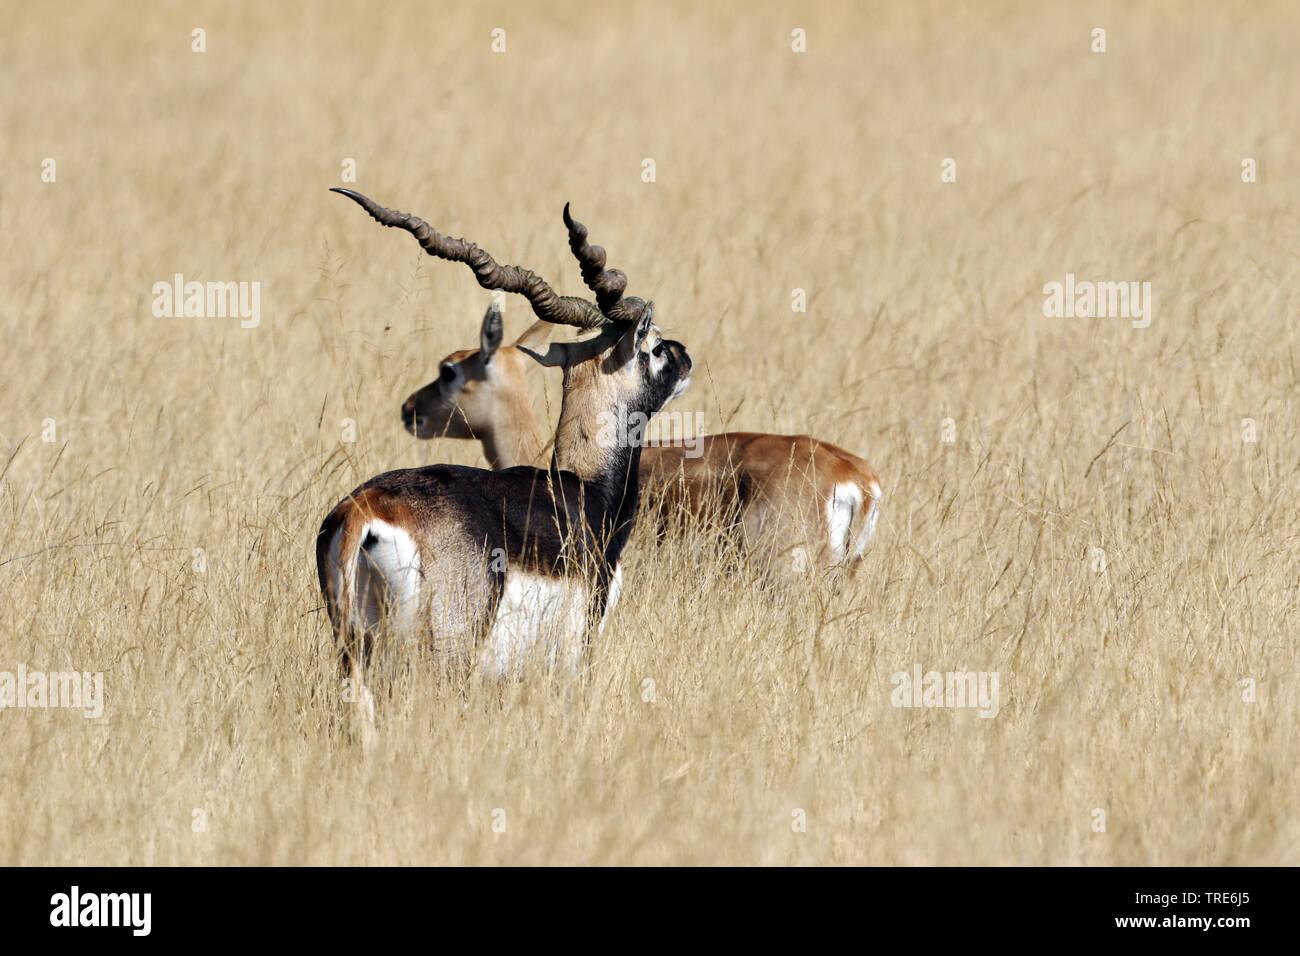 Hirschziegenantilope, Hirschziegen-Antilope (Antilope cervicapra), Maennchen und Weibchen stehen im trockenen Gras der Savanne, Indien, Tal Chhapar | Stockbild